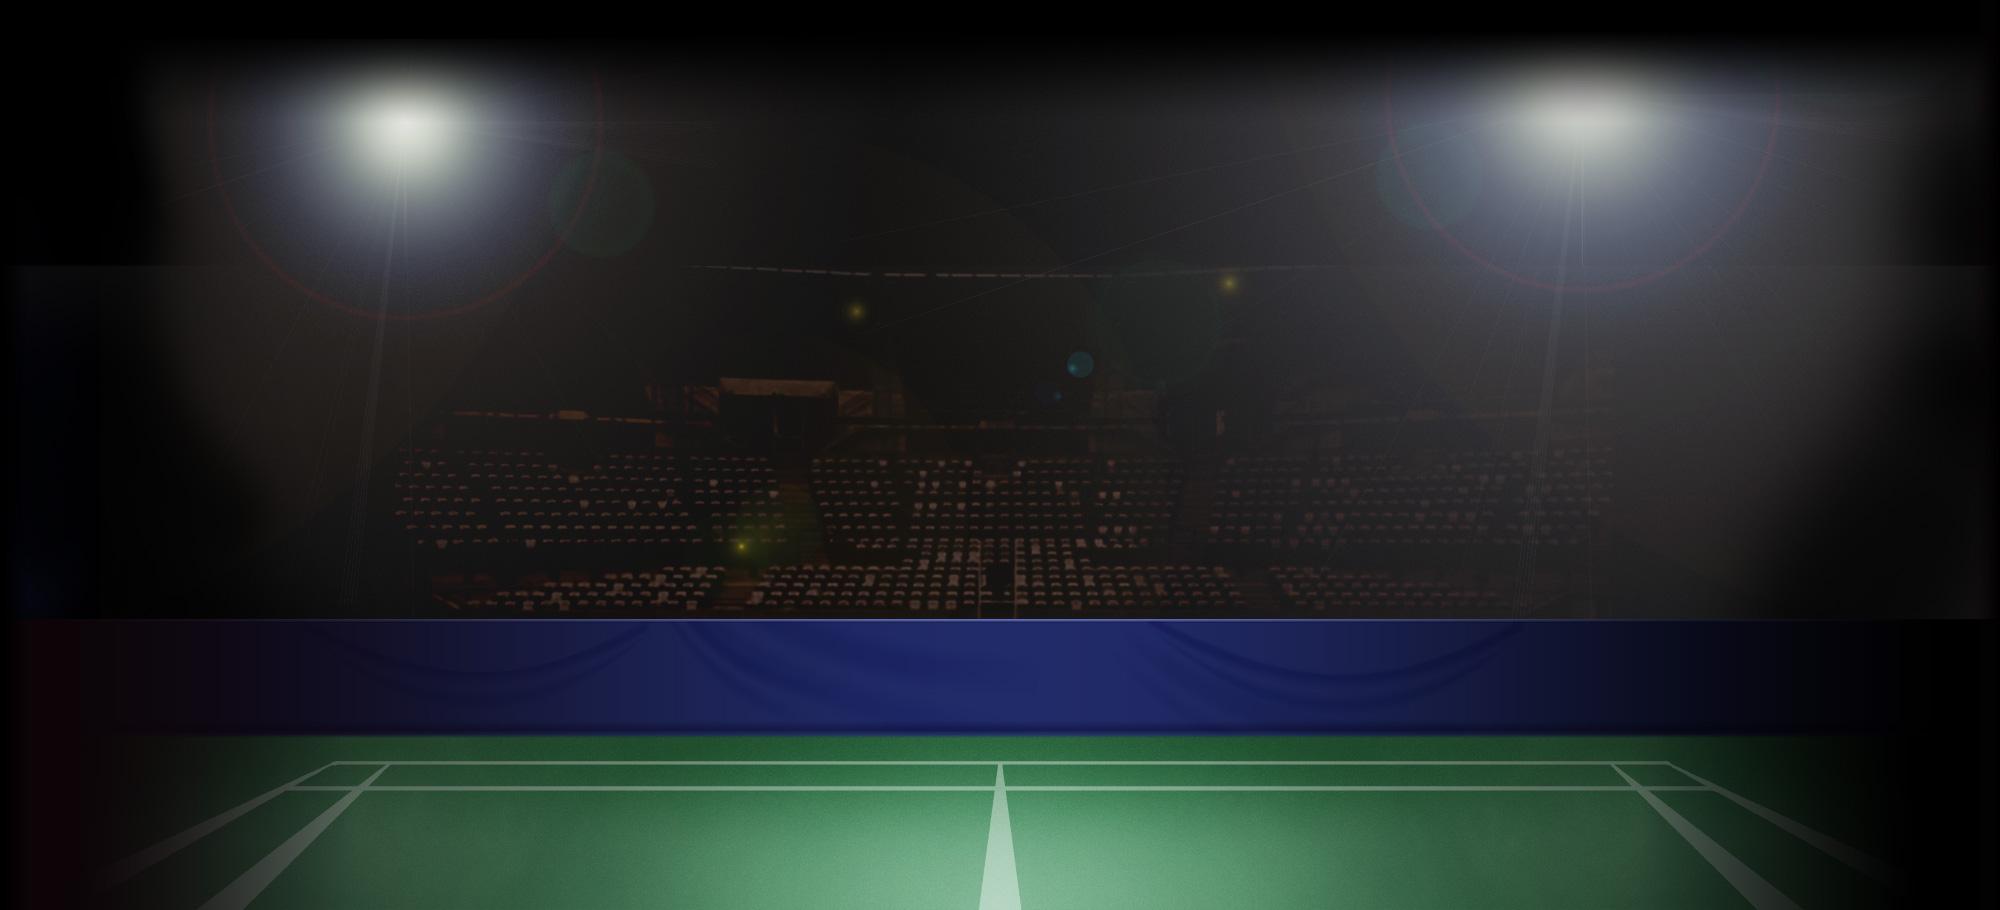 Yonex badminton wallpaper